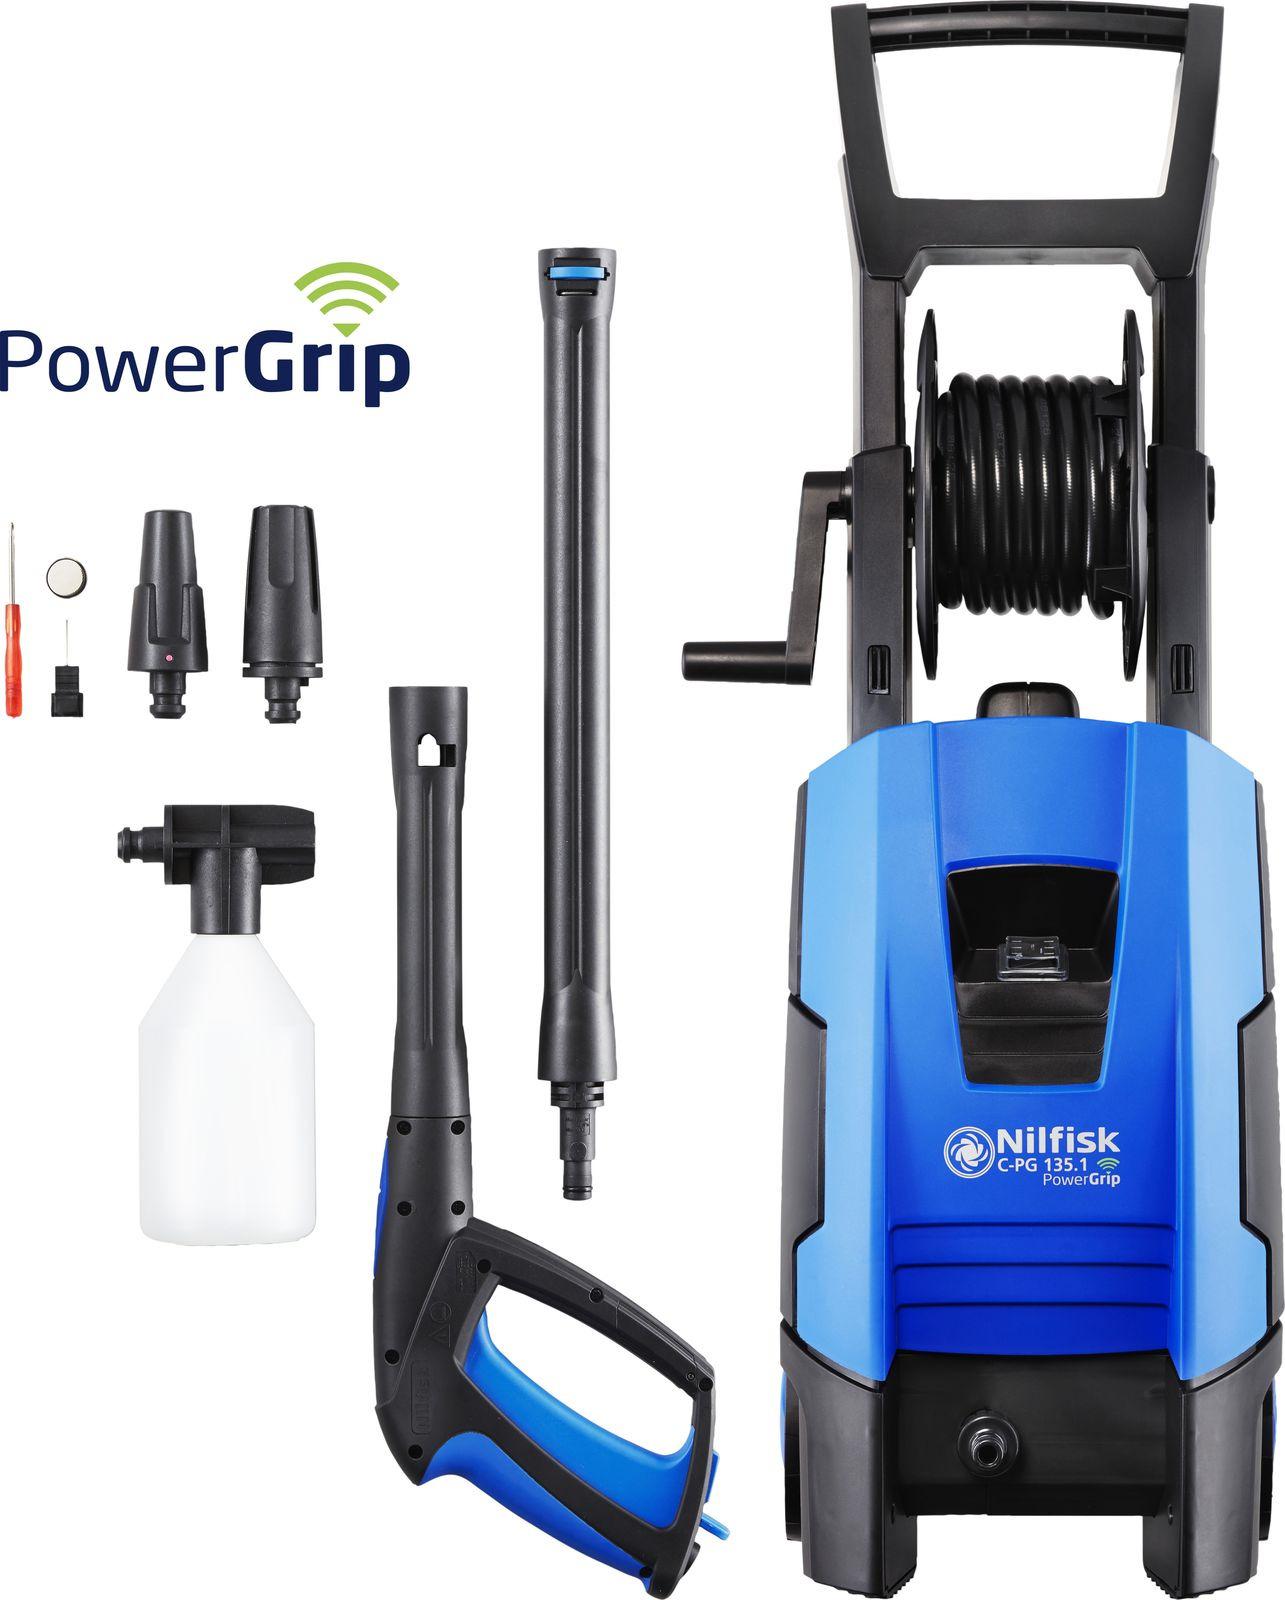 Минимойка Nilfisk C-PG 135.1-8 X-TRA PowerGrip, высокого давления, 128471165, 135 бар, 520 л/час, 220В